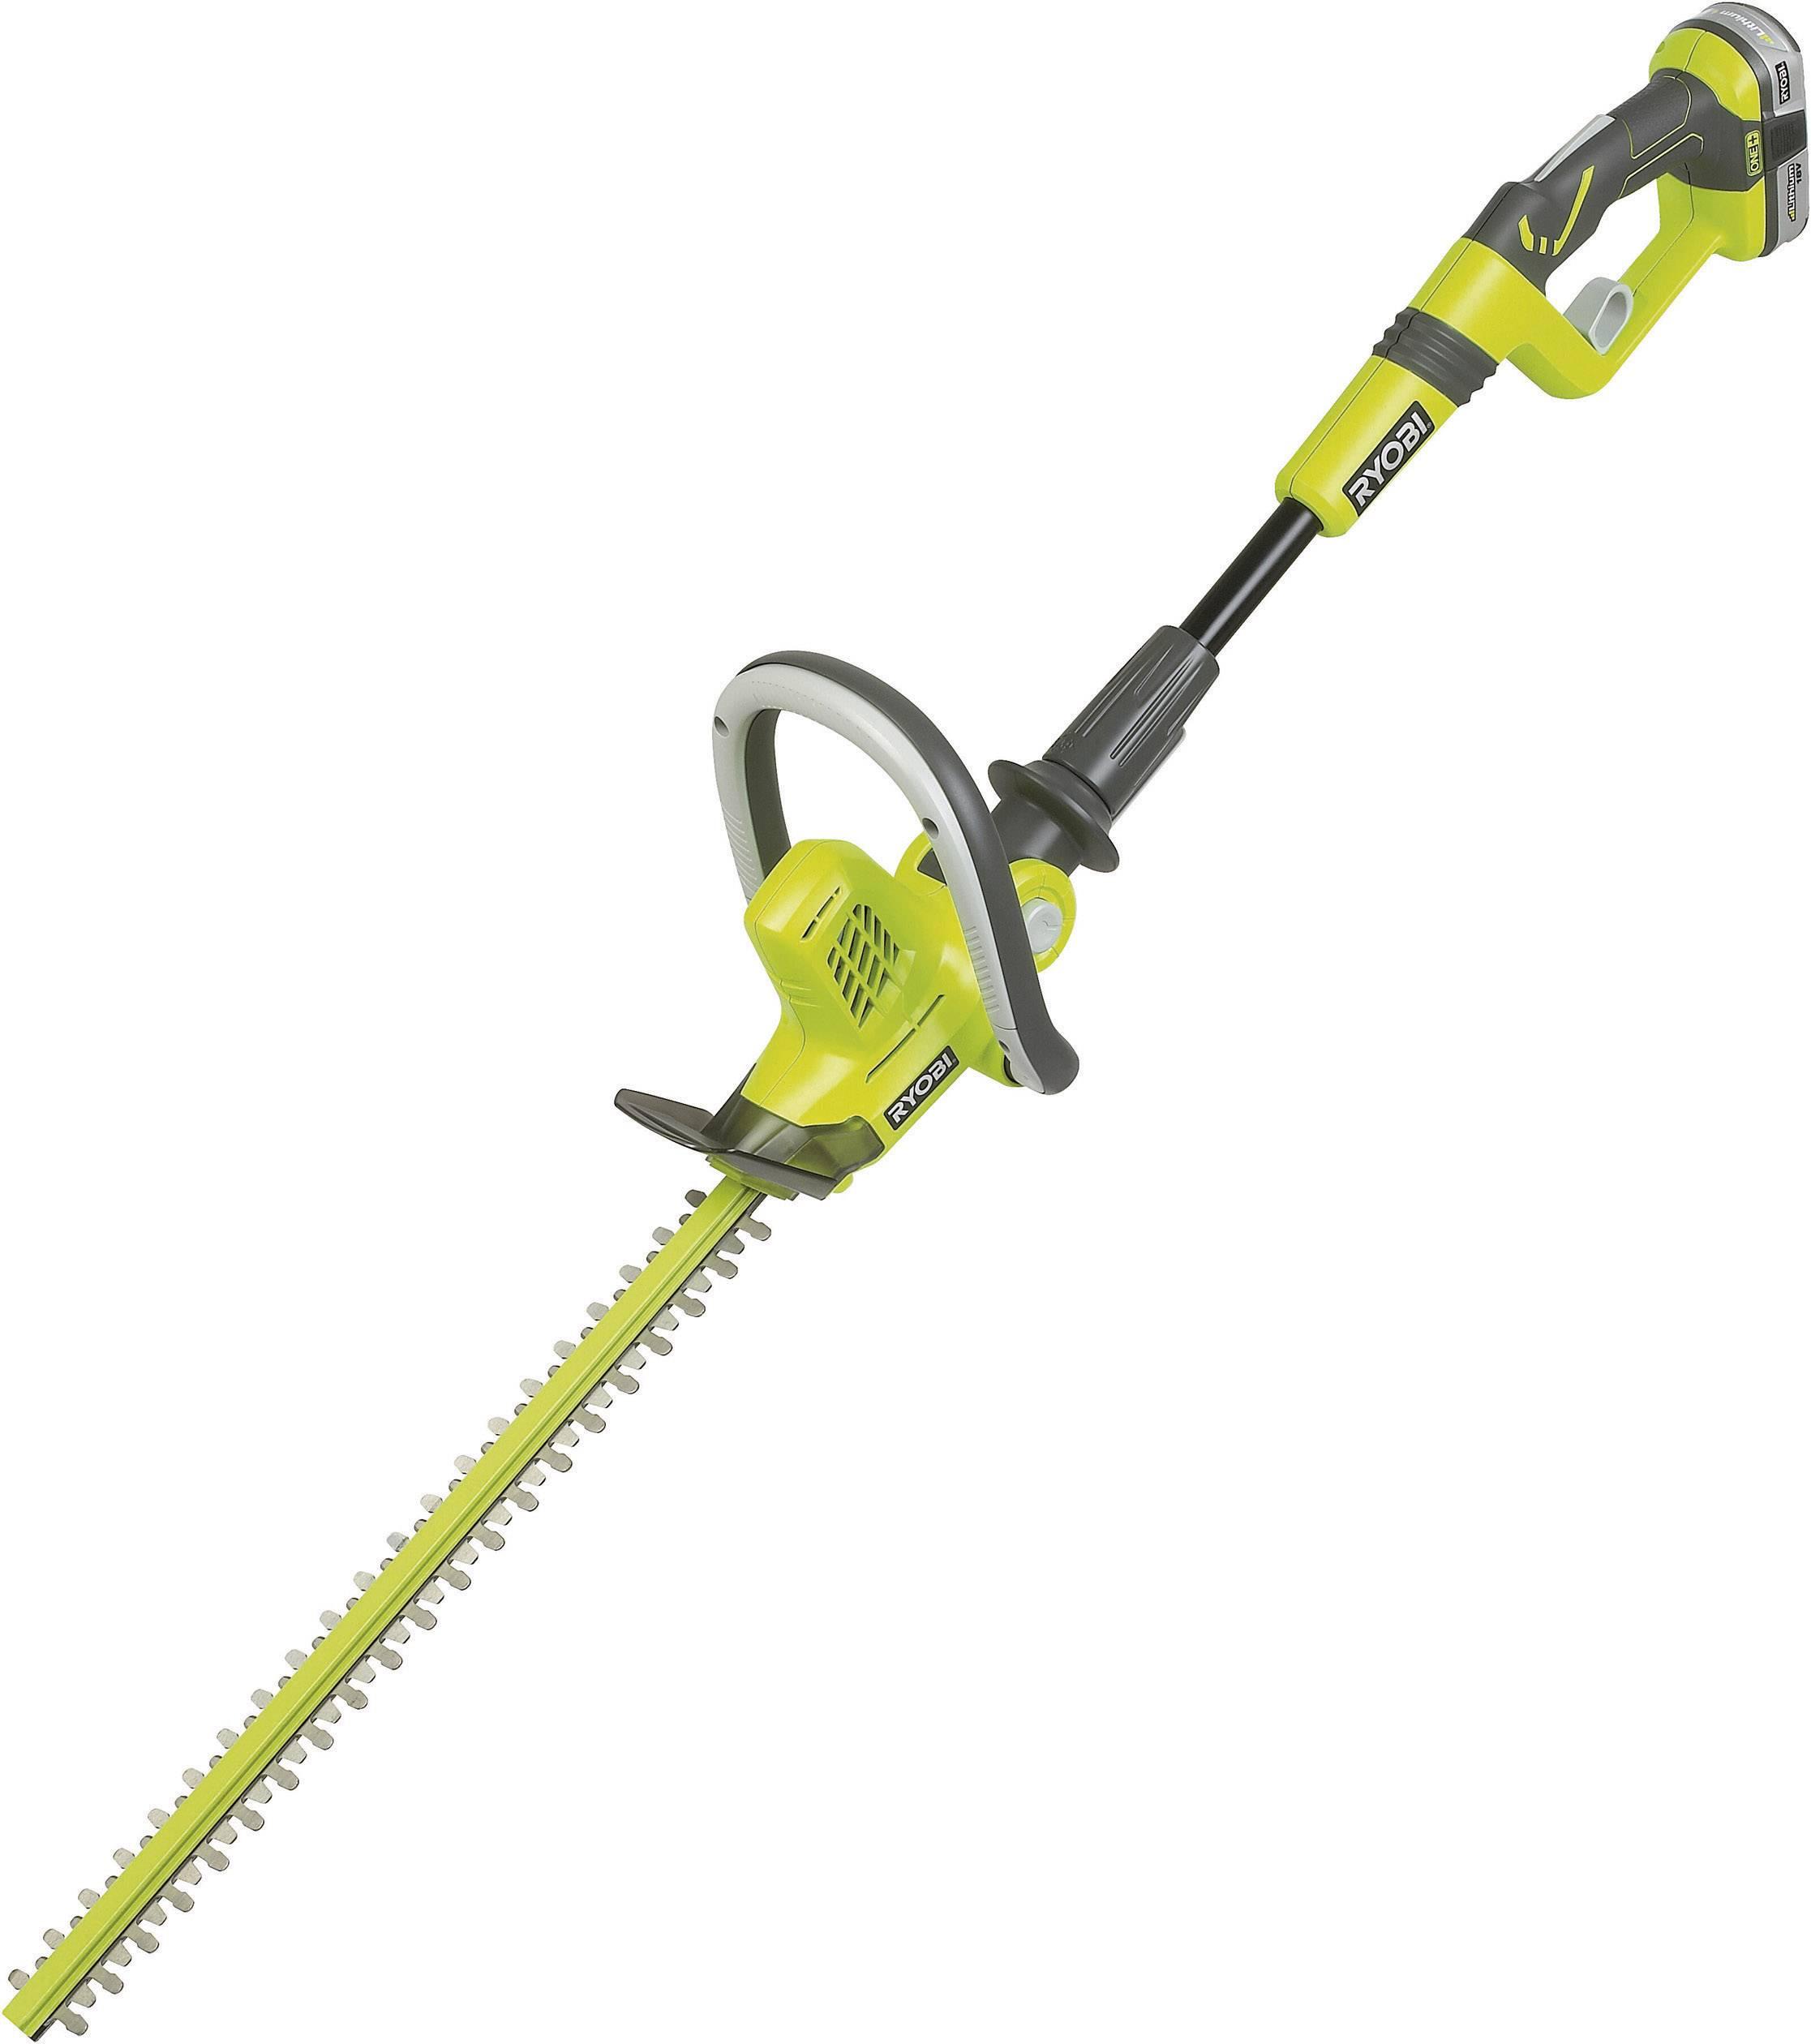 Akumulátorové nůžky na živý plot Ryobi RHT1850XLI, 5133001626, 18 V